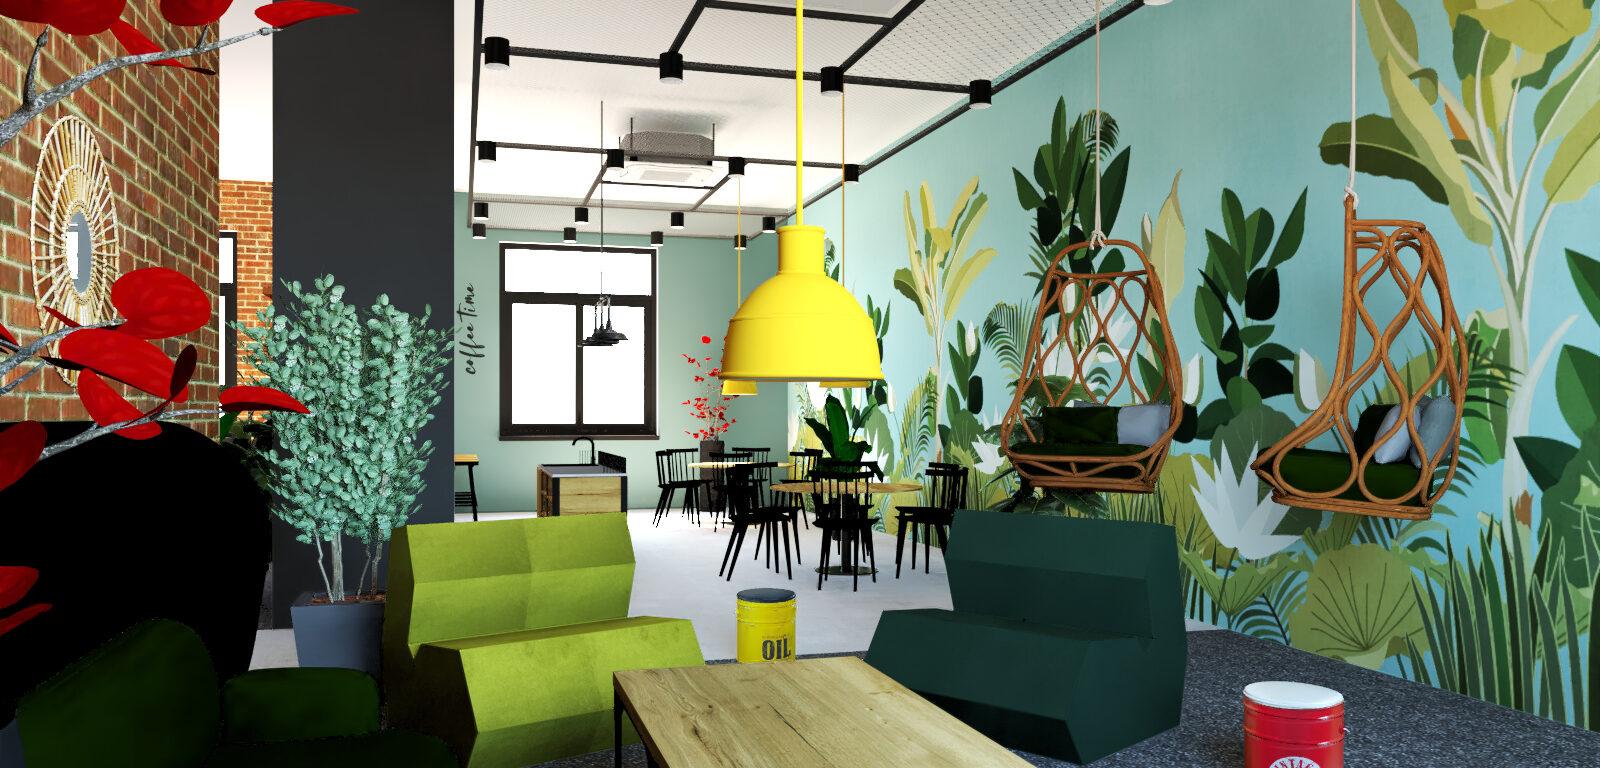 dacon-design-architekt-wroclaw-aranzacja-wnetrz-projekty-biura-przestrzeniebiurowe-komercyjne-strefa-wypoczynku